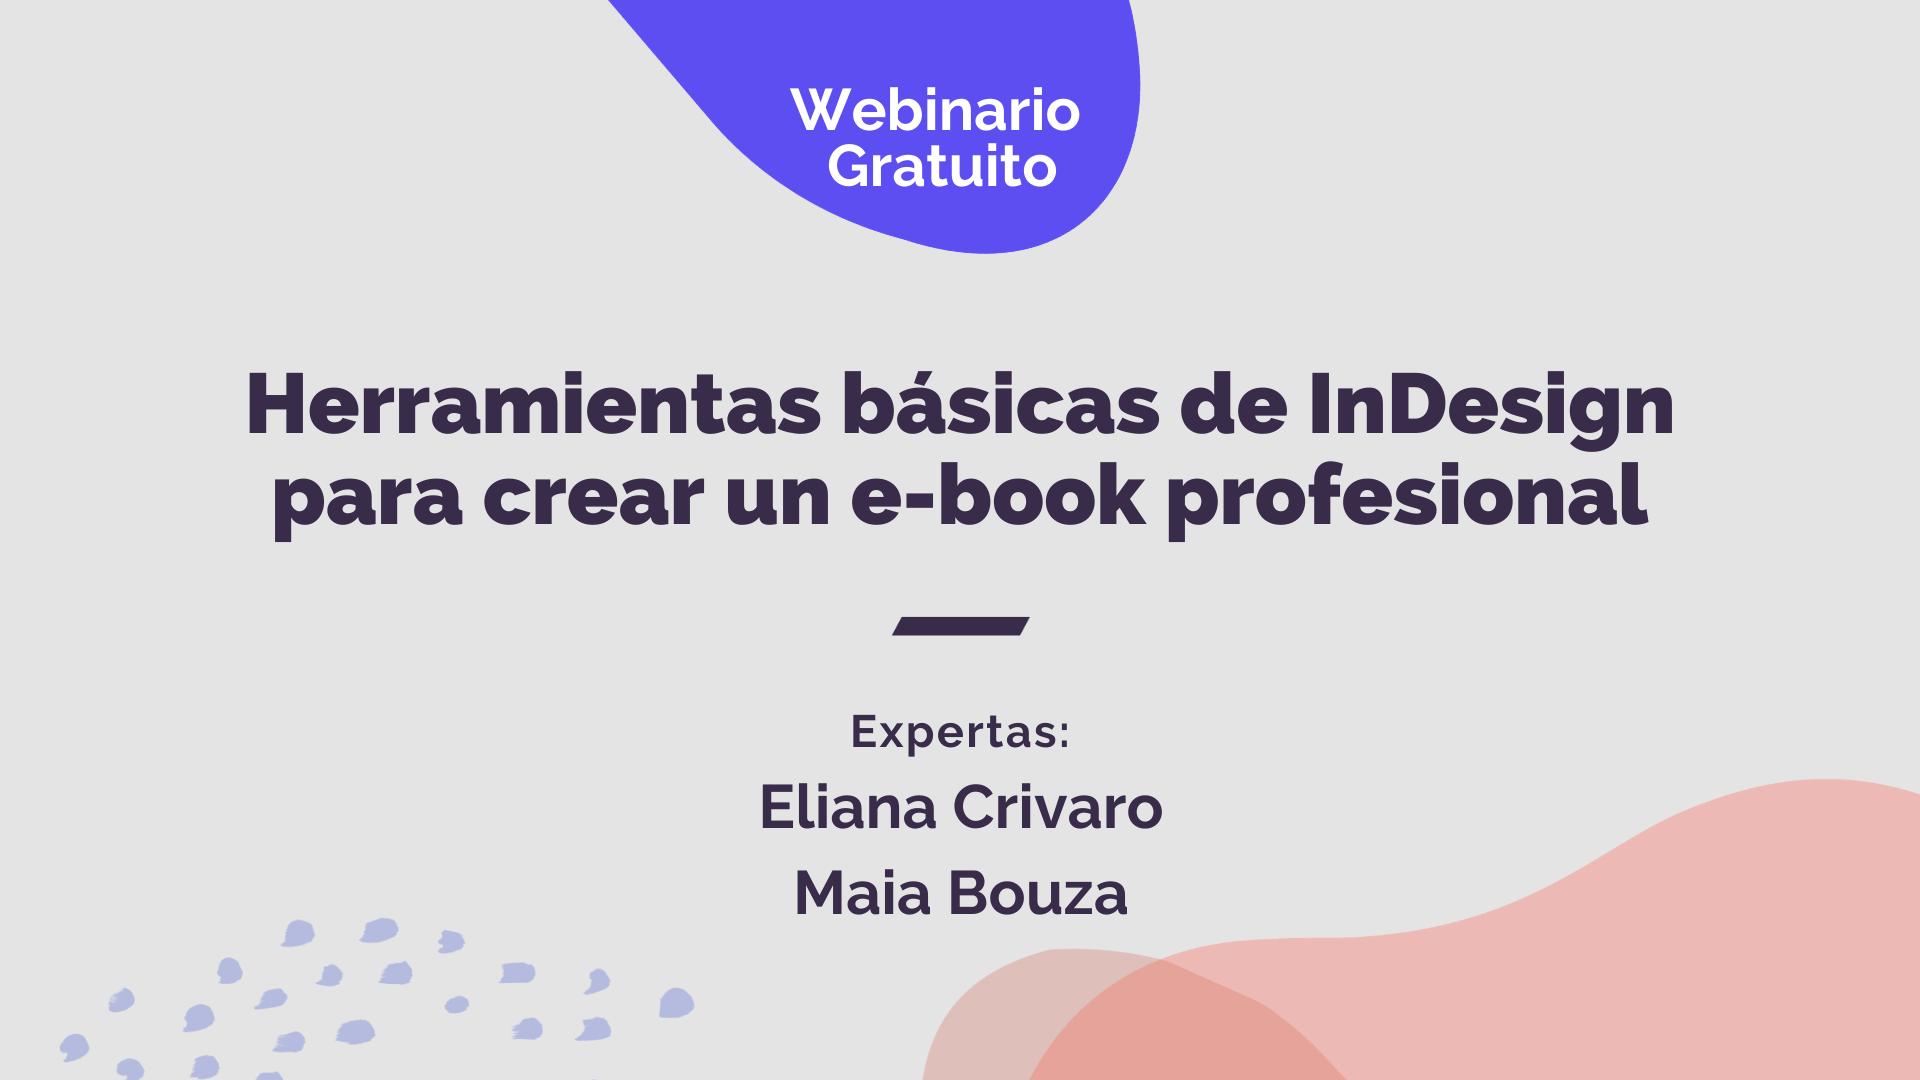 Webinario Herramientas básicas de InDesign para crear un e-book profesional